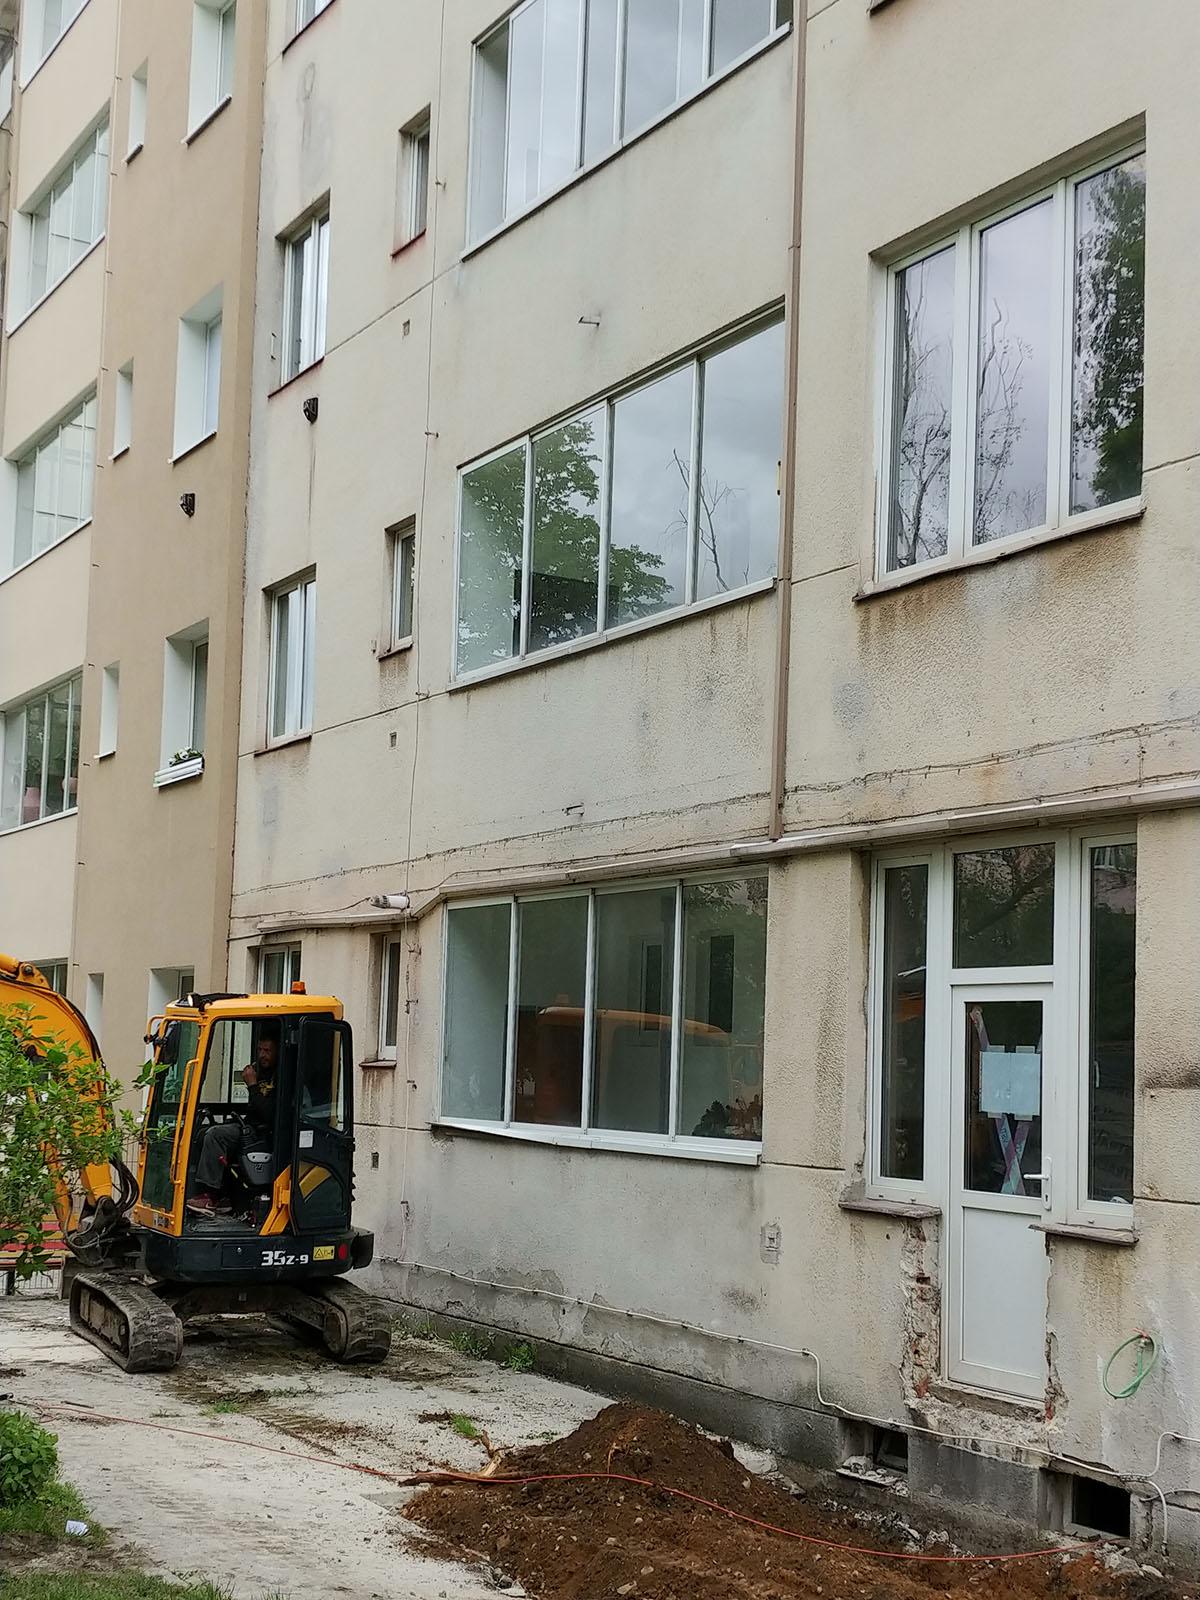 Za Zelenou liškou, Praha 4